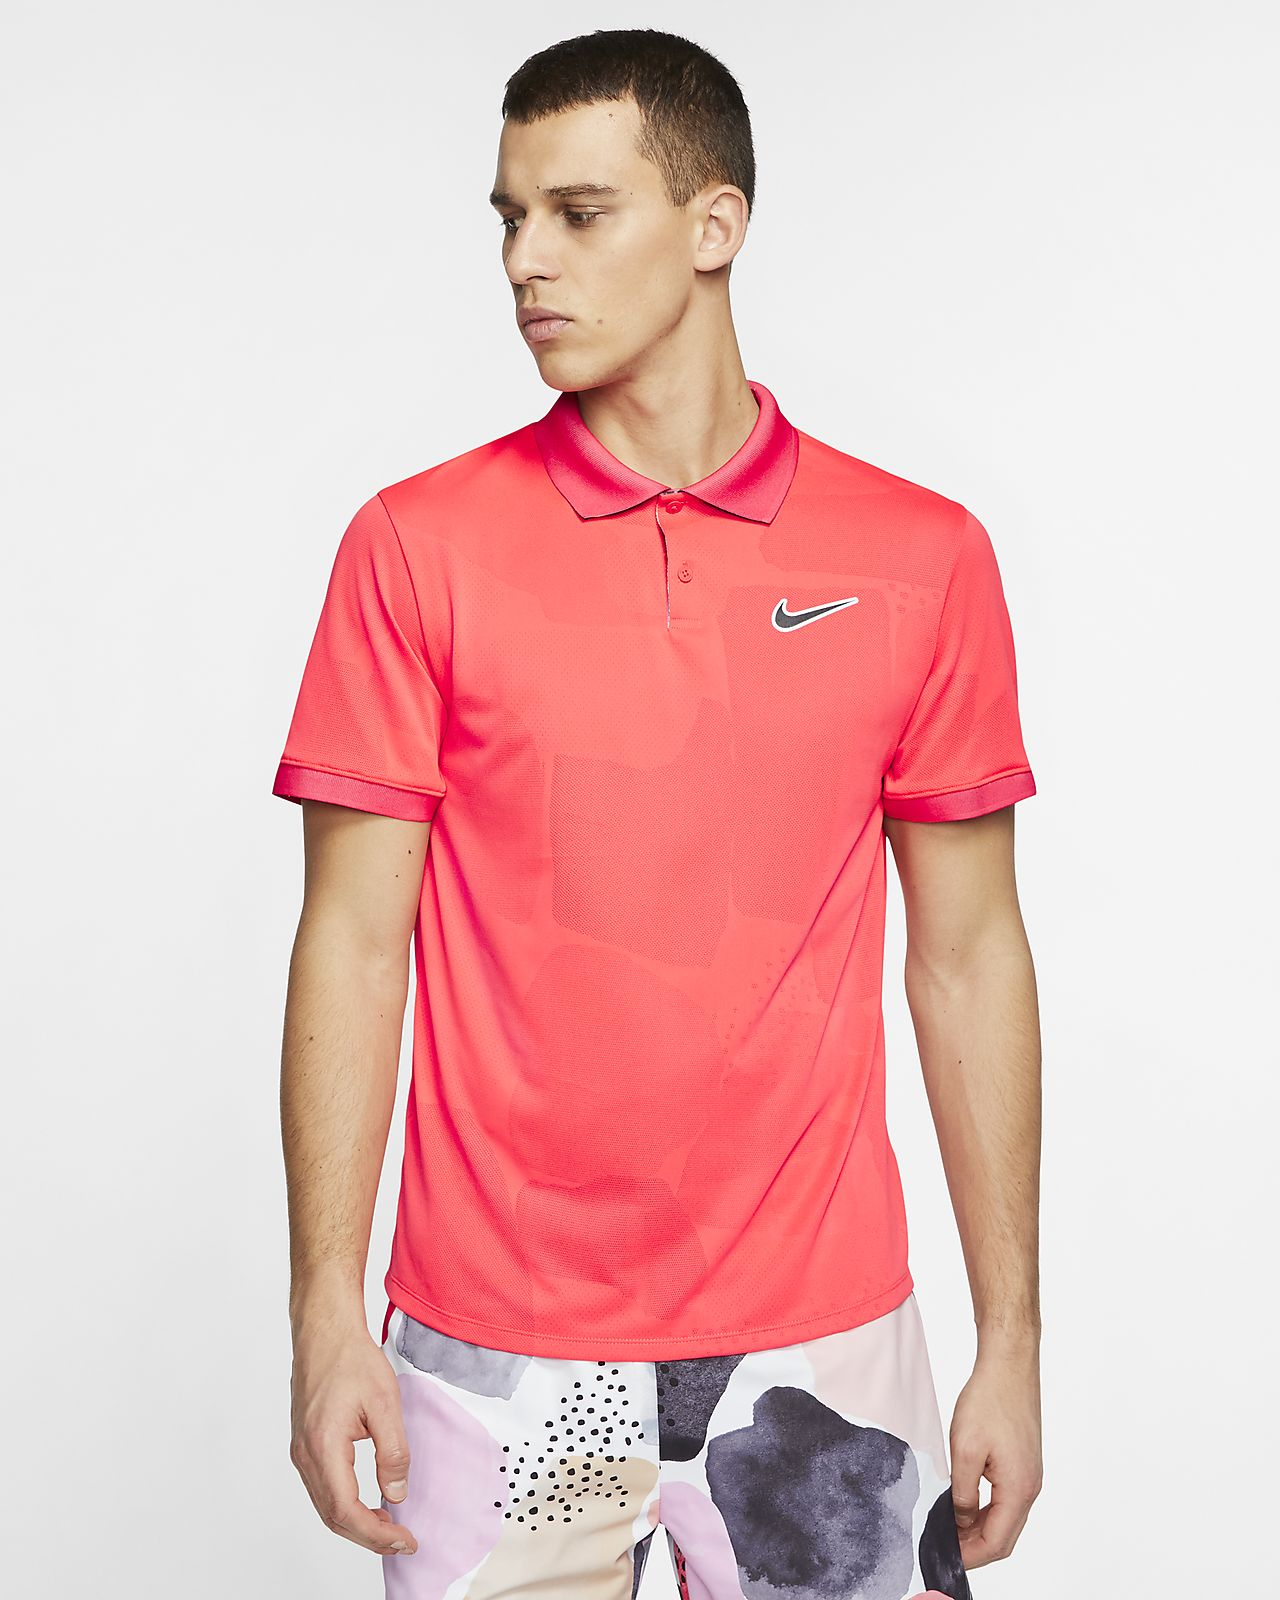 NikeCourt Breathe Advantage Men's Tennis Polo